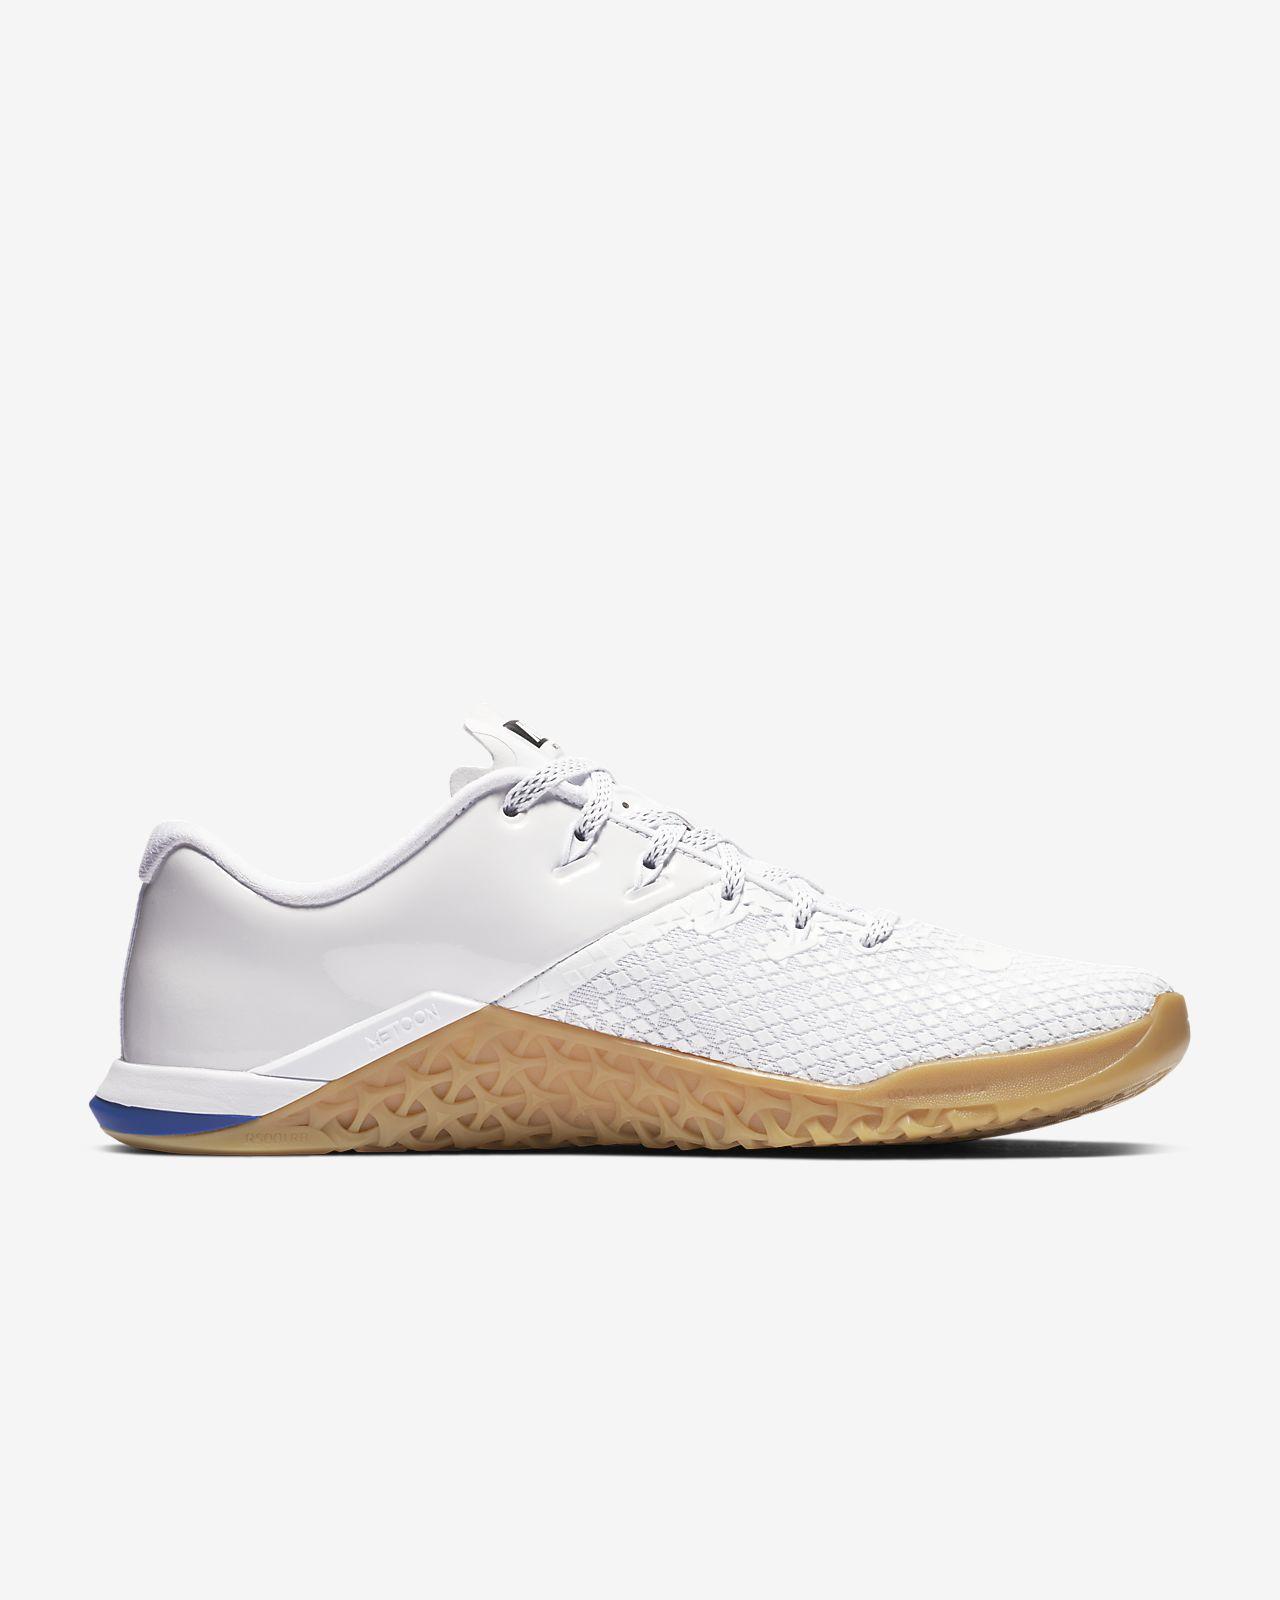 official photos 79f68 042c2 ... Chaussure de cross-training et de renforcement musculaire Nike Metcon 4  XD X Whiteboard pour